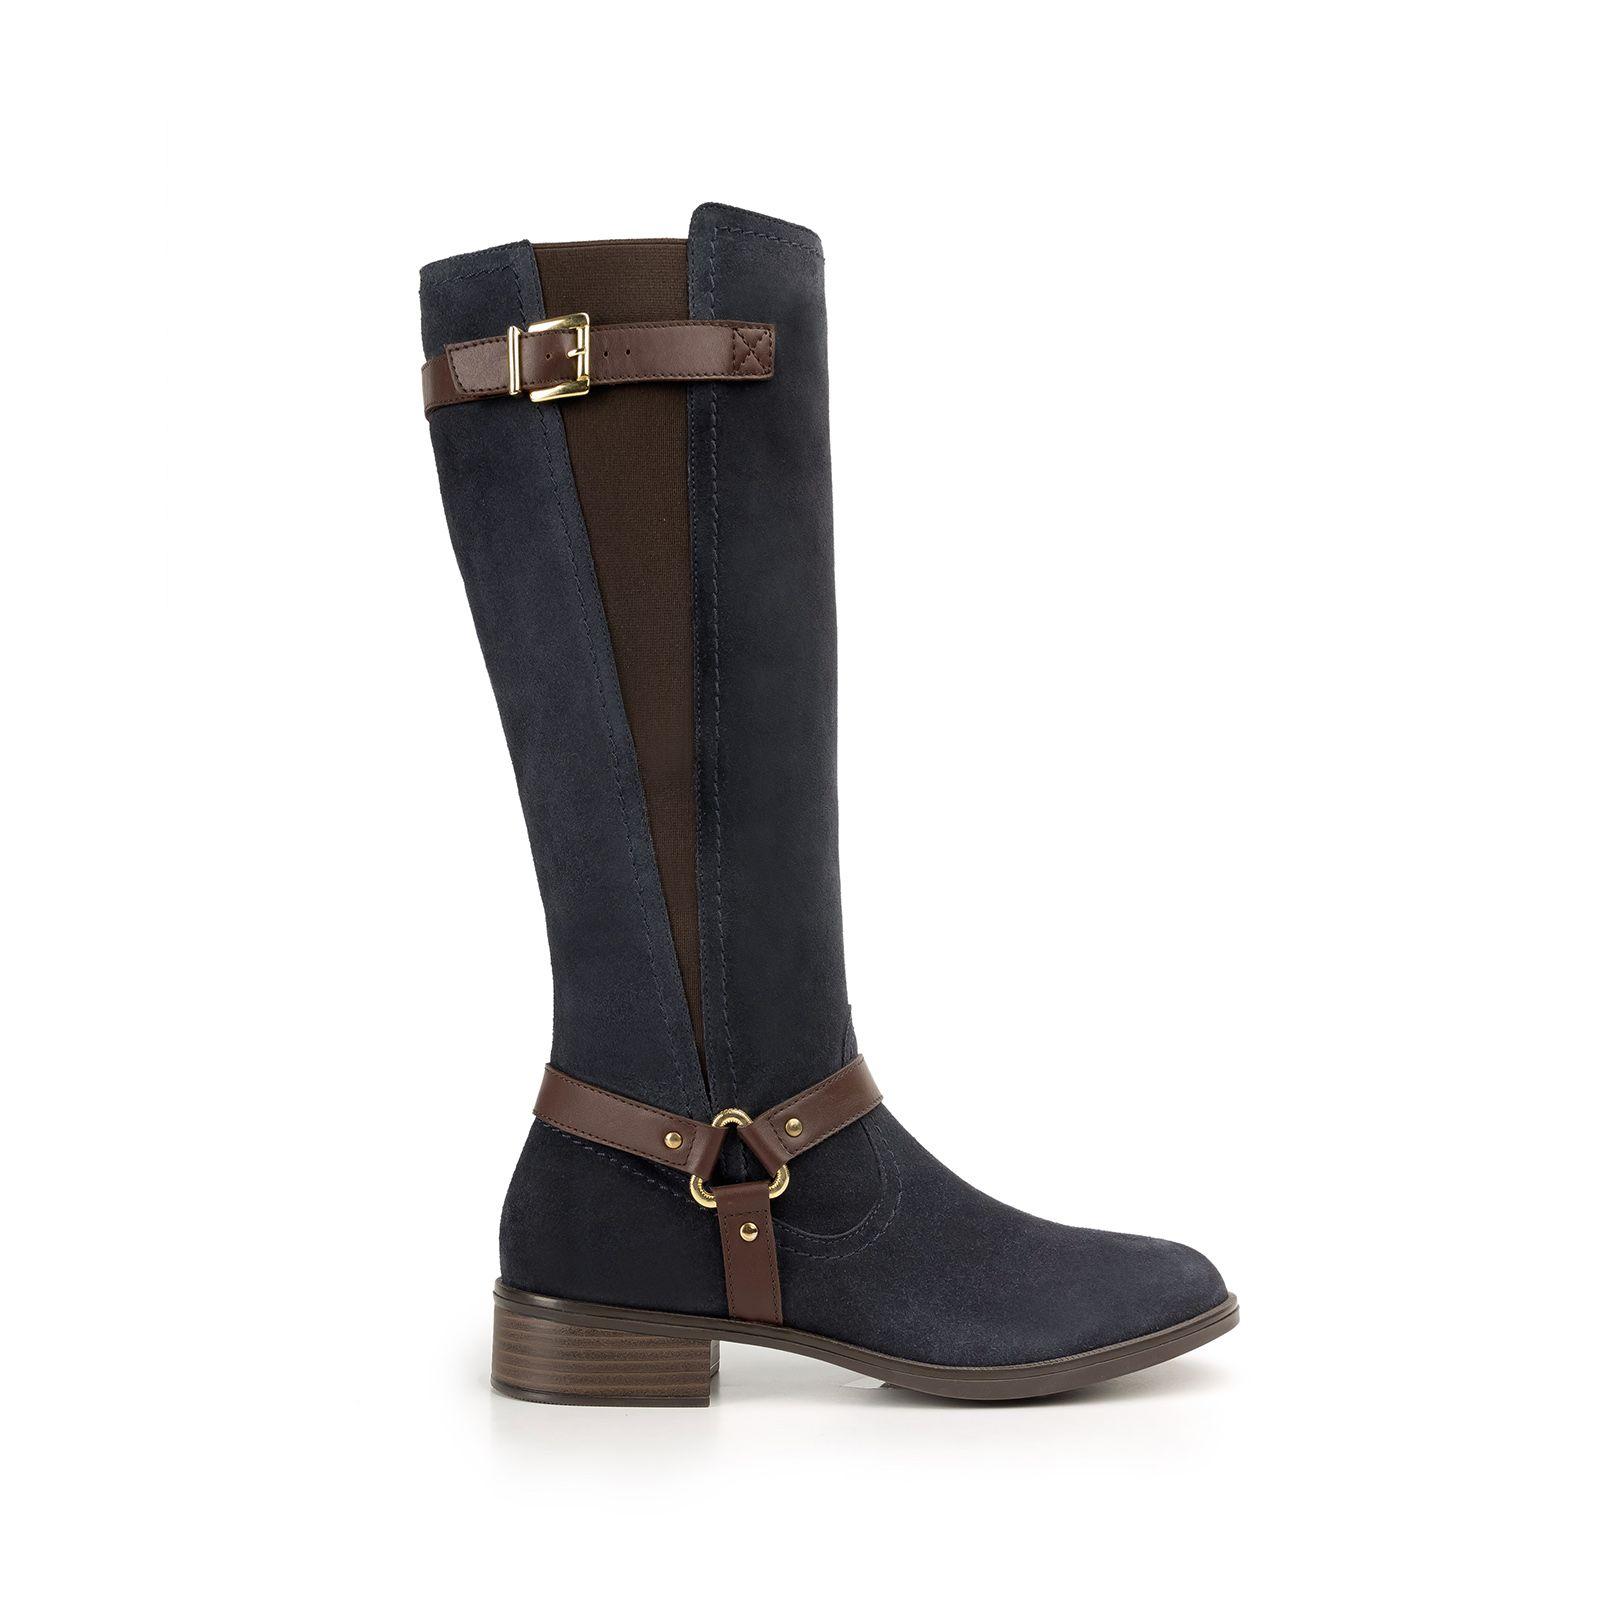 e400a8fcb5a Línea de bota y botín semi vestir estilo hípico con herrajes metálicos que  le dan un look clásico-moderno. Los estilos 15120 y 15121 llevan acabados  ...